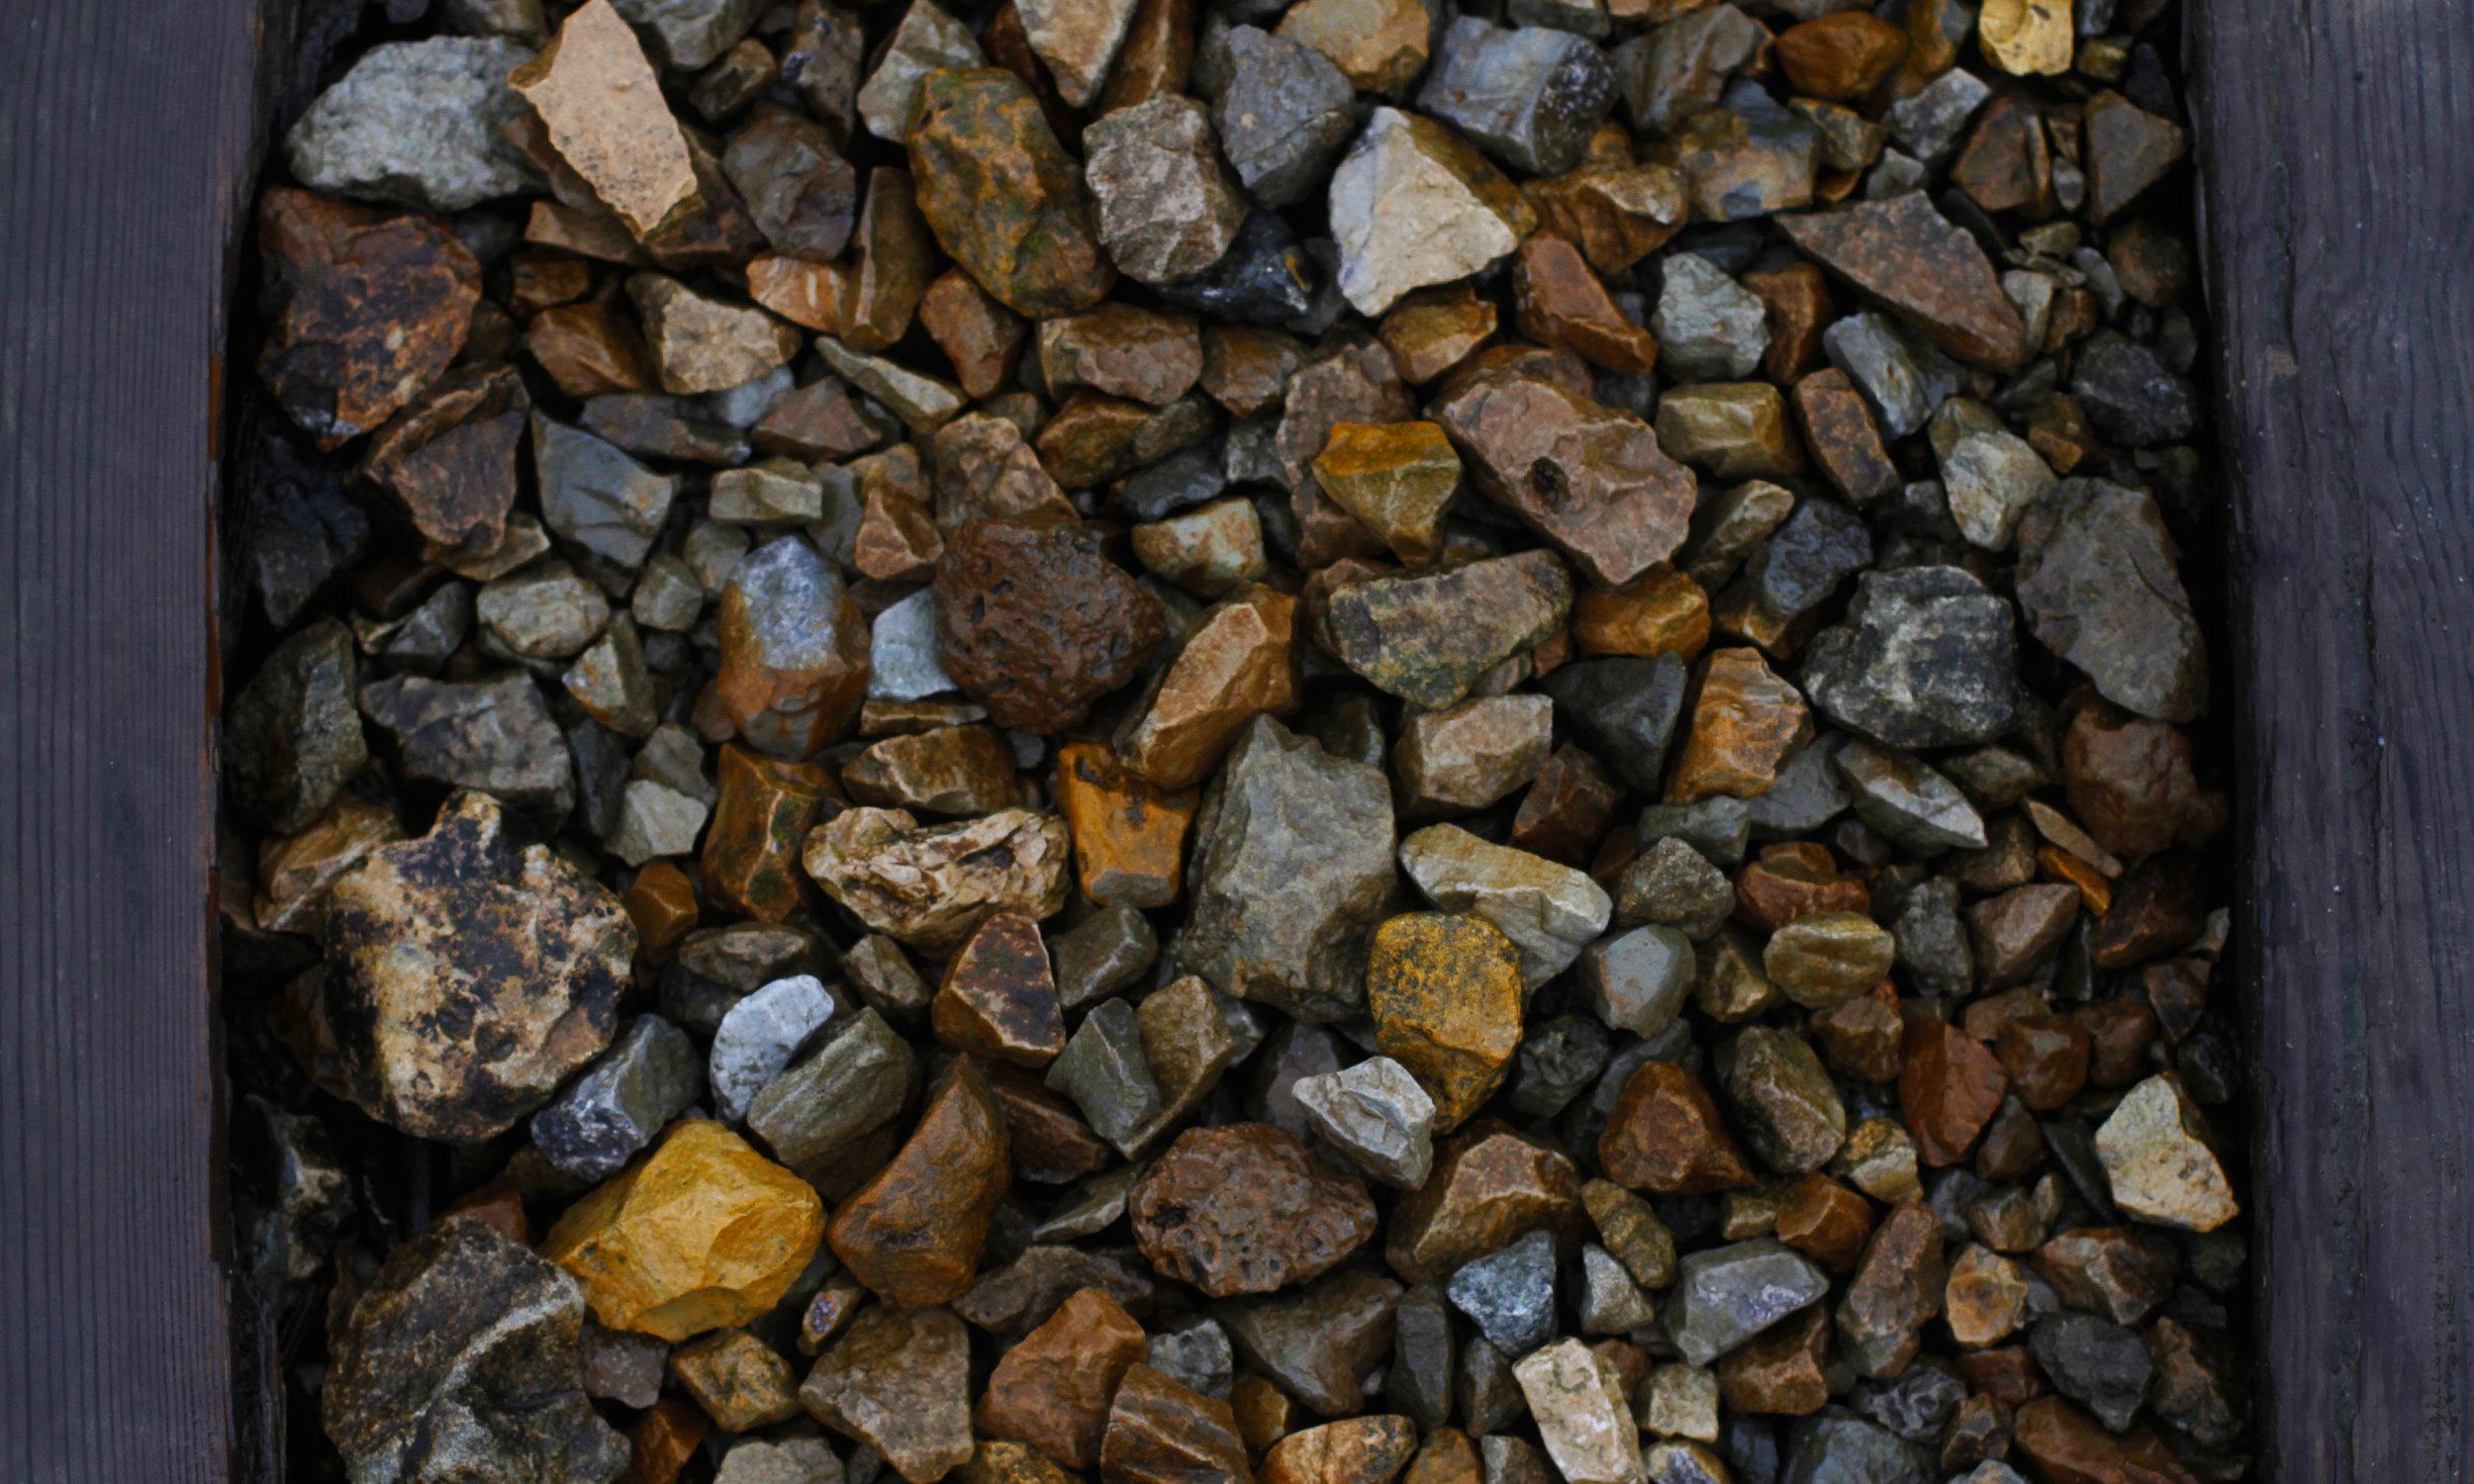 auschwitz rocks.jpg